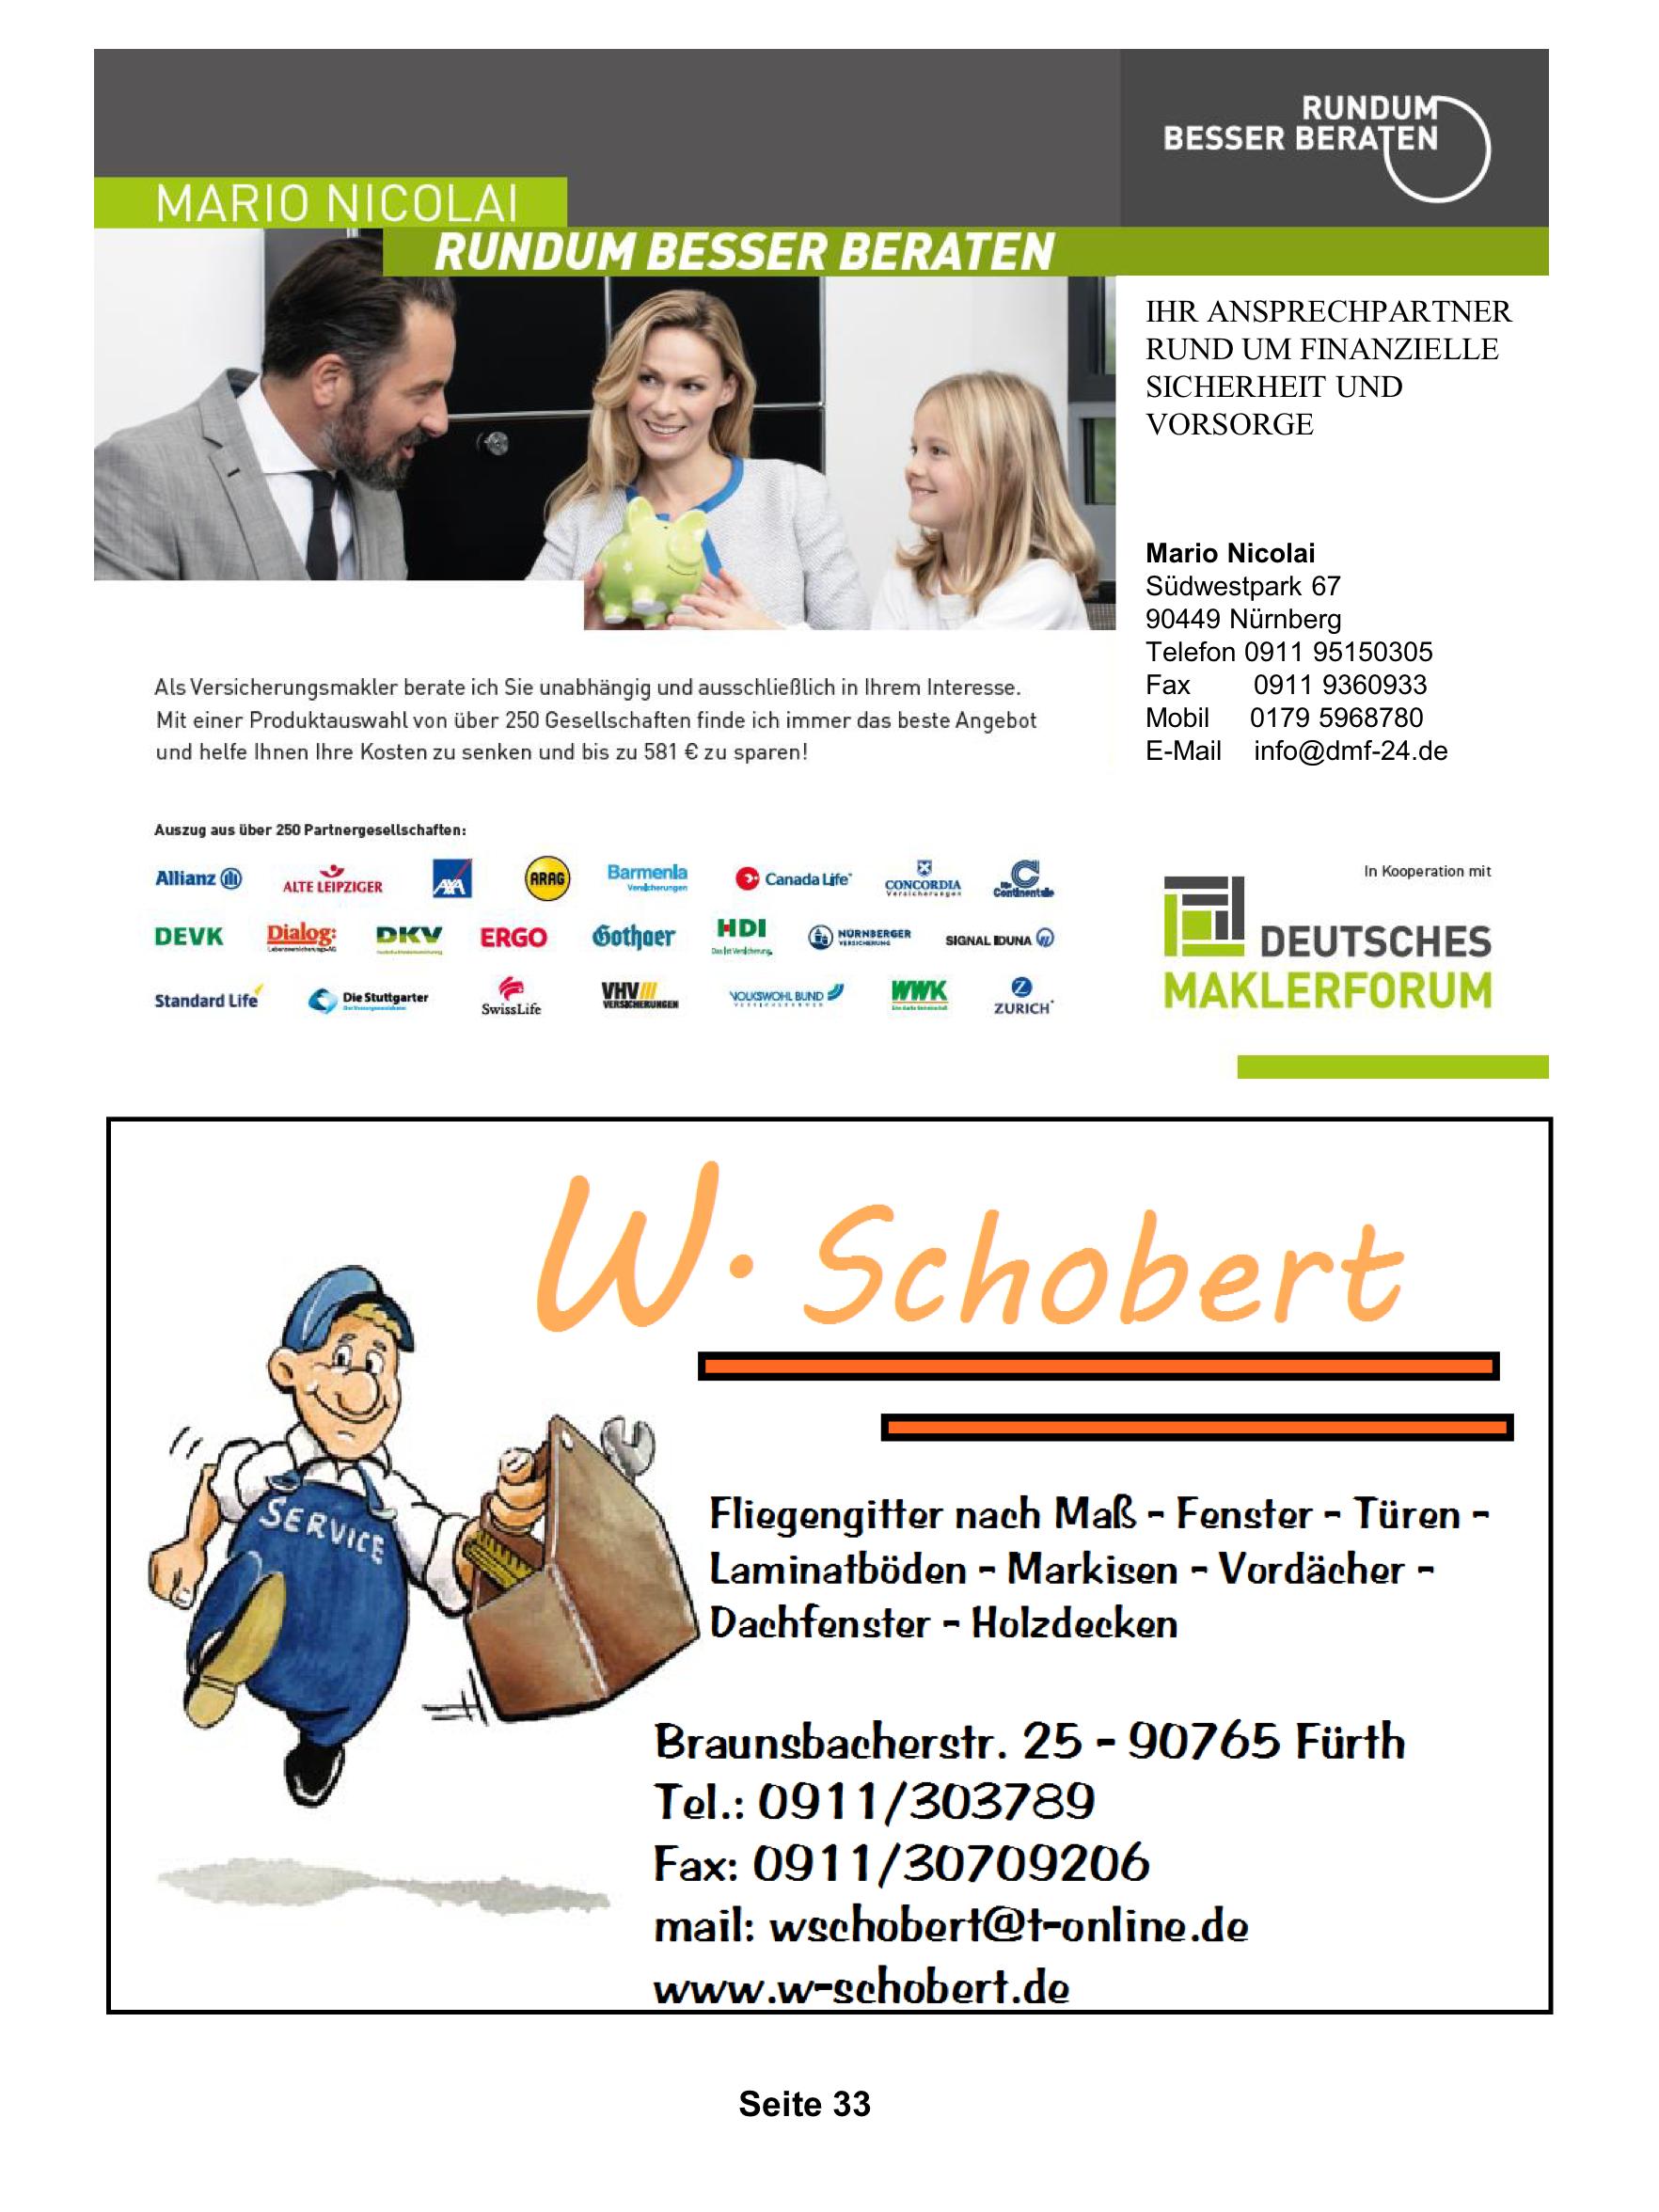 Simmelsdorf-33.png